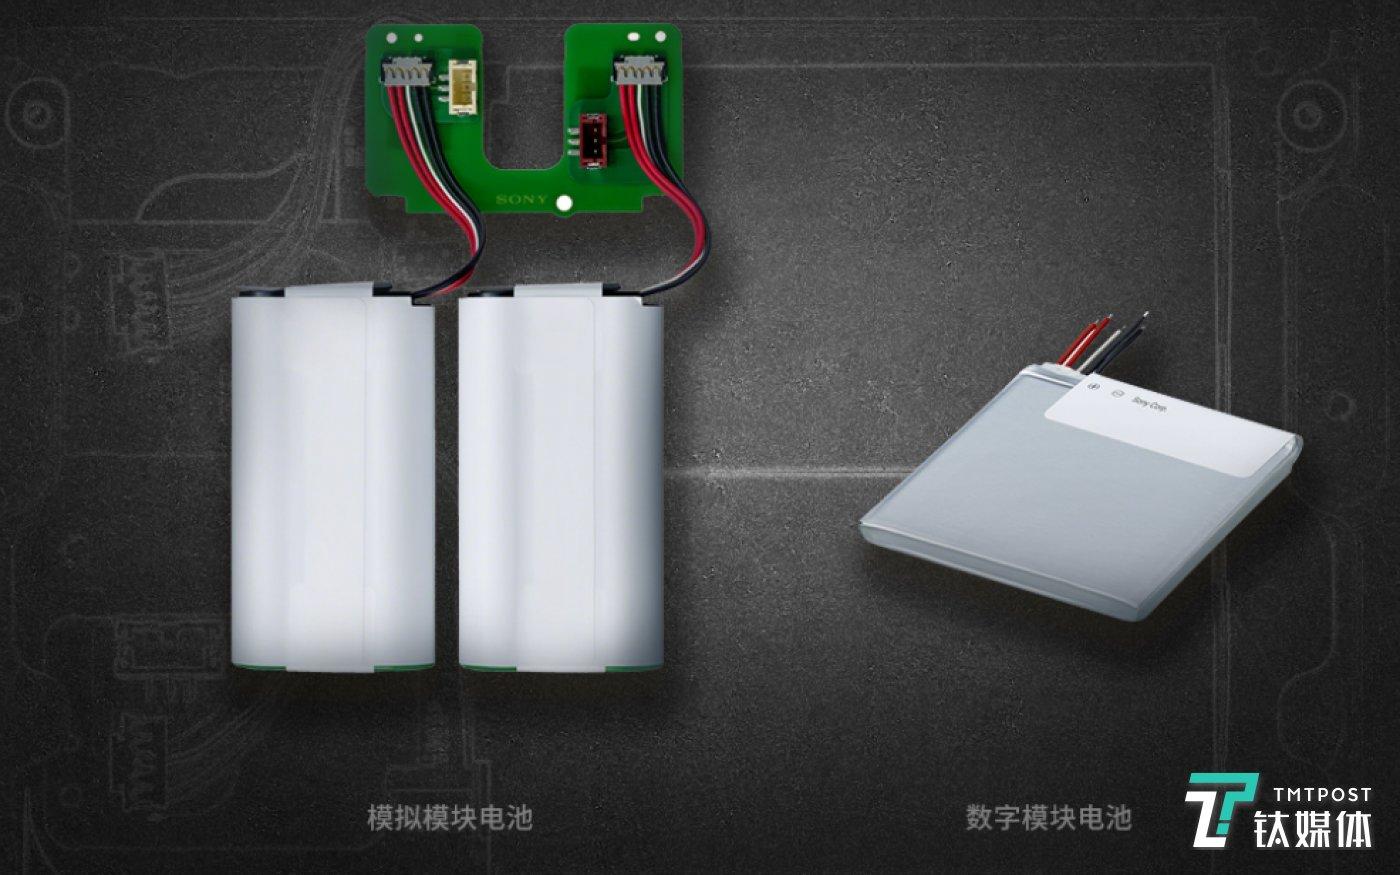 采用独立供电设计